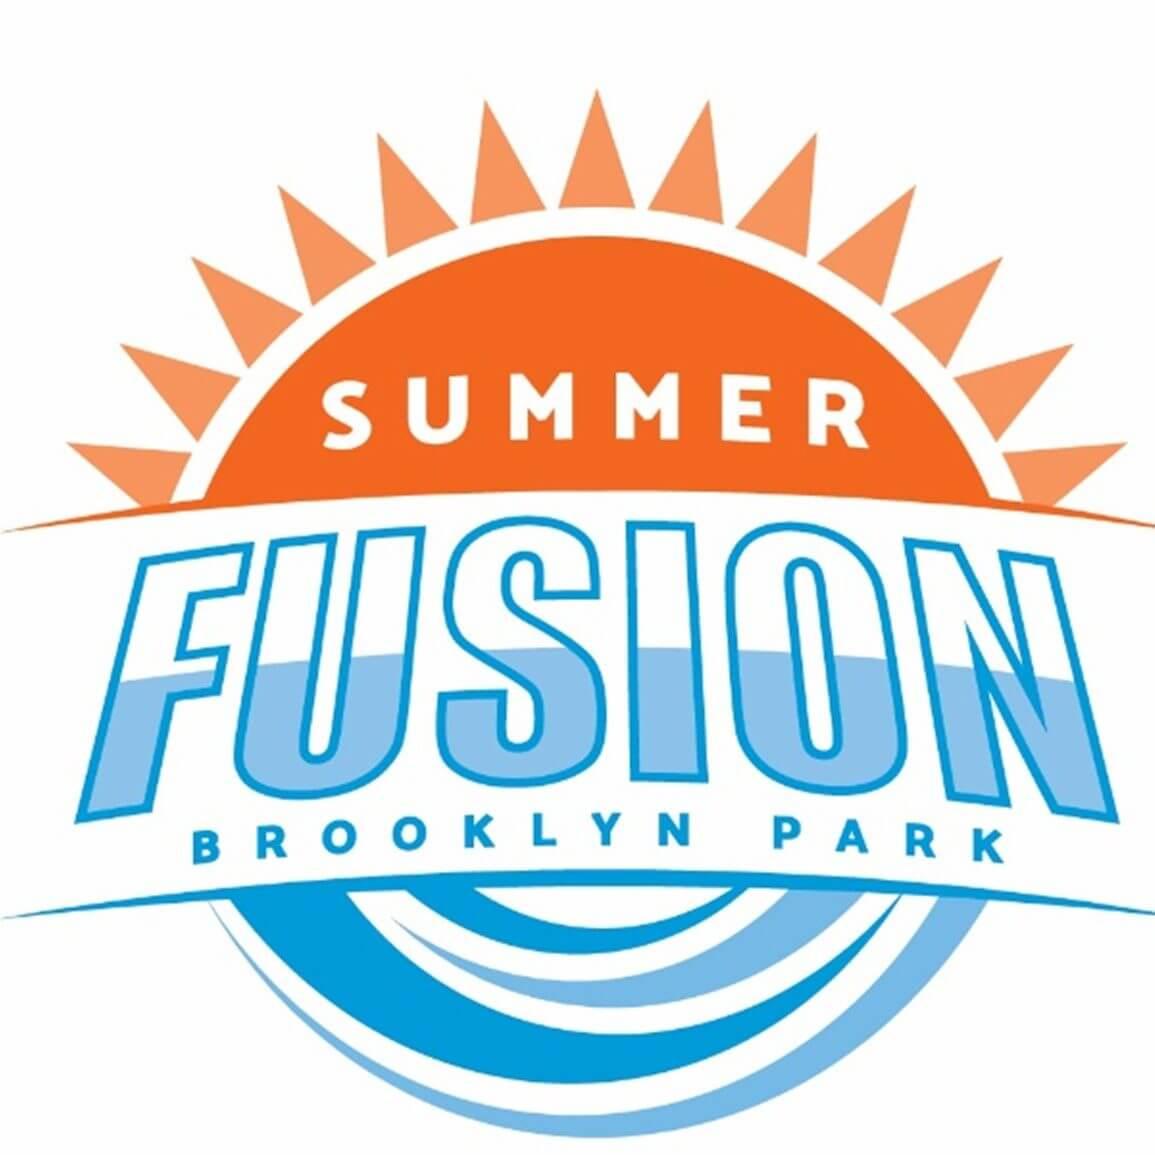 summer fusion